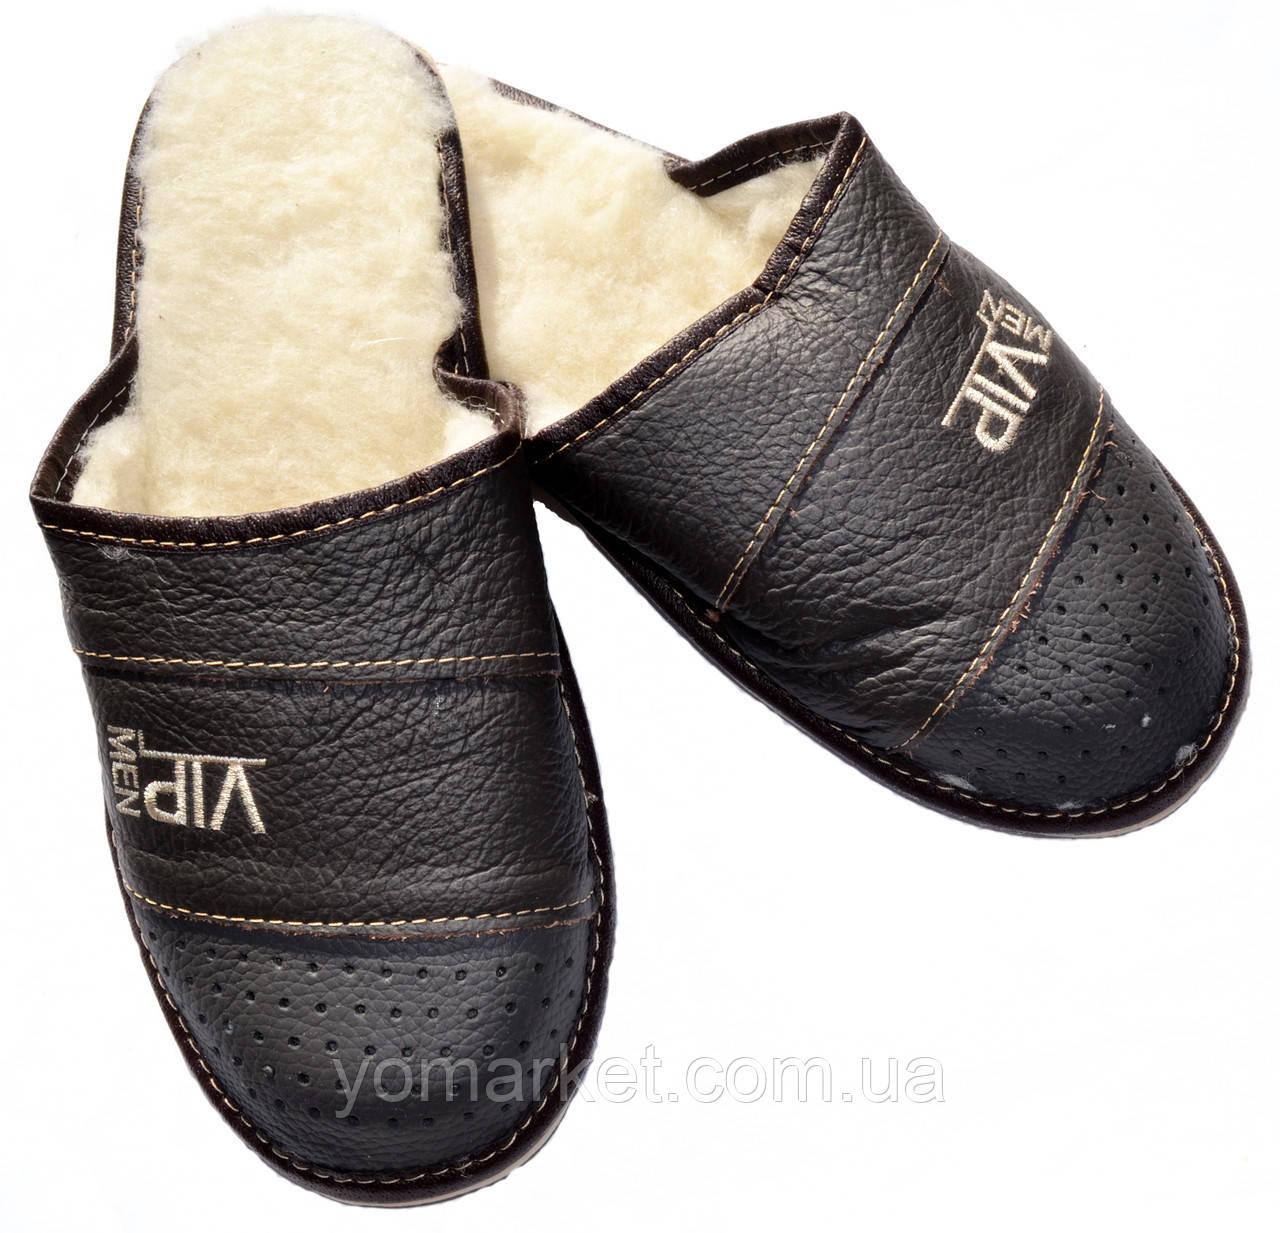 a7879952f7ac57 Домашні чоловічі тапочки з овечої шерсті та шкіри: продажа, цена в ...